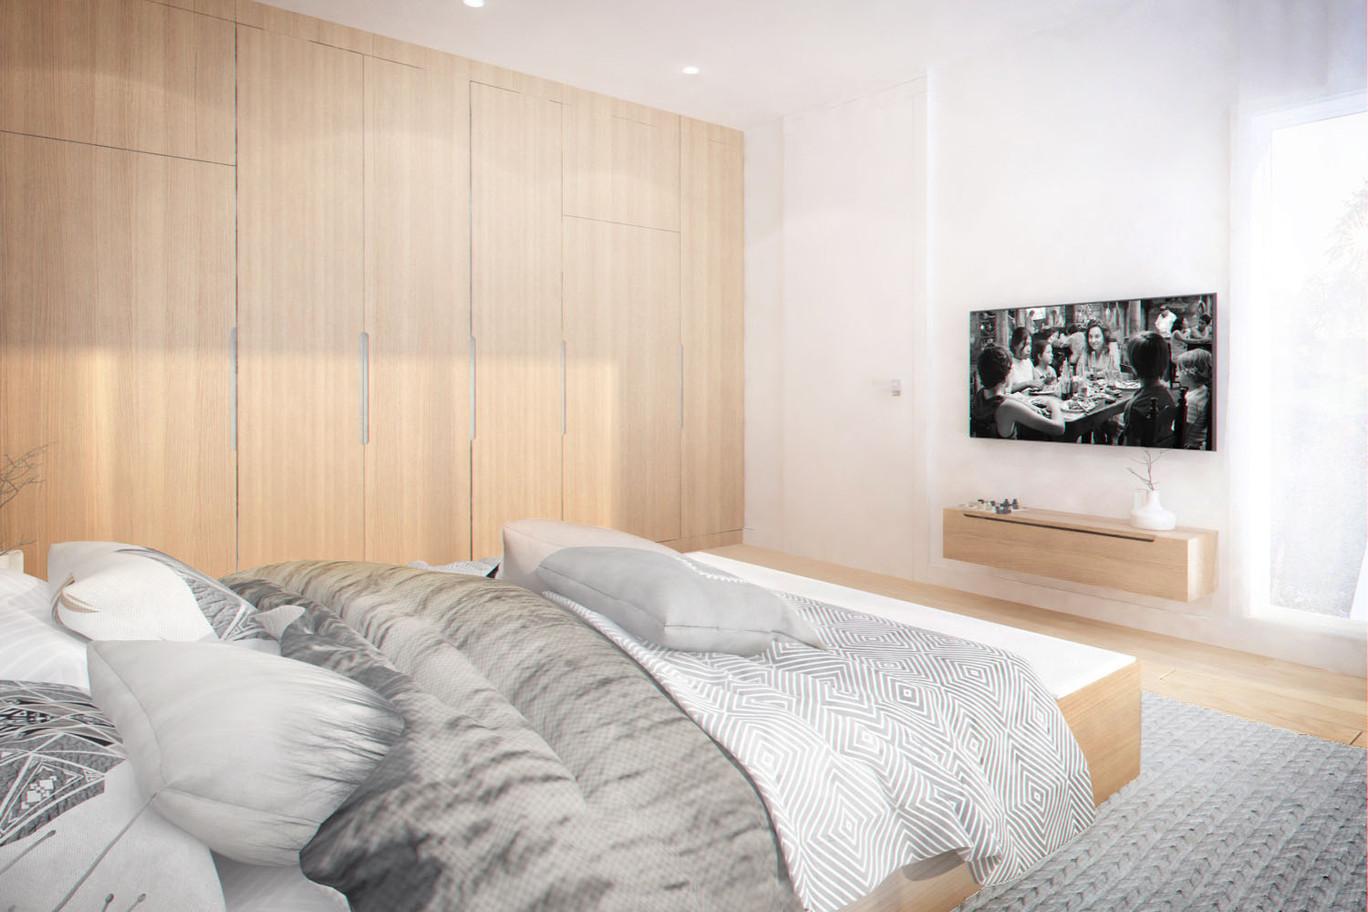 leilighet-design-soverom (4).jpg